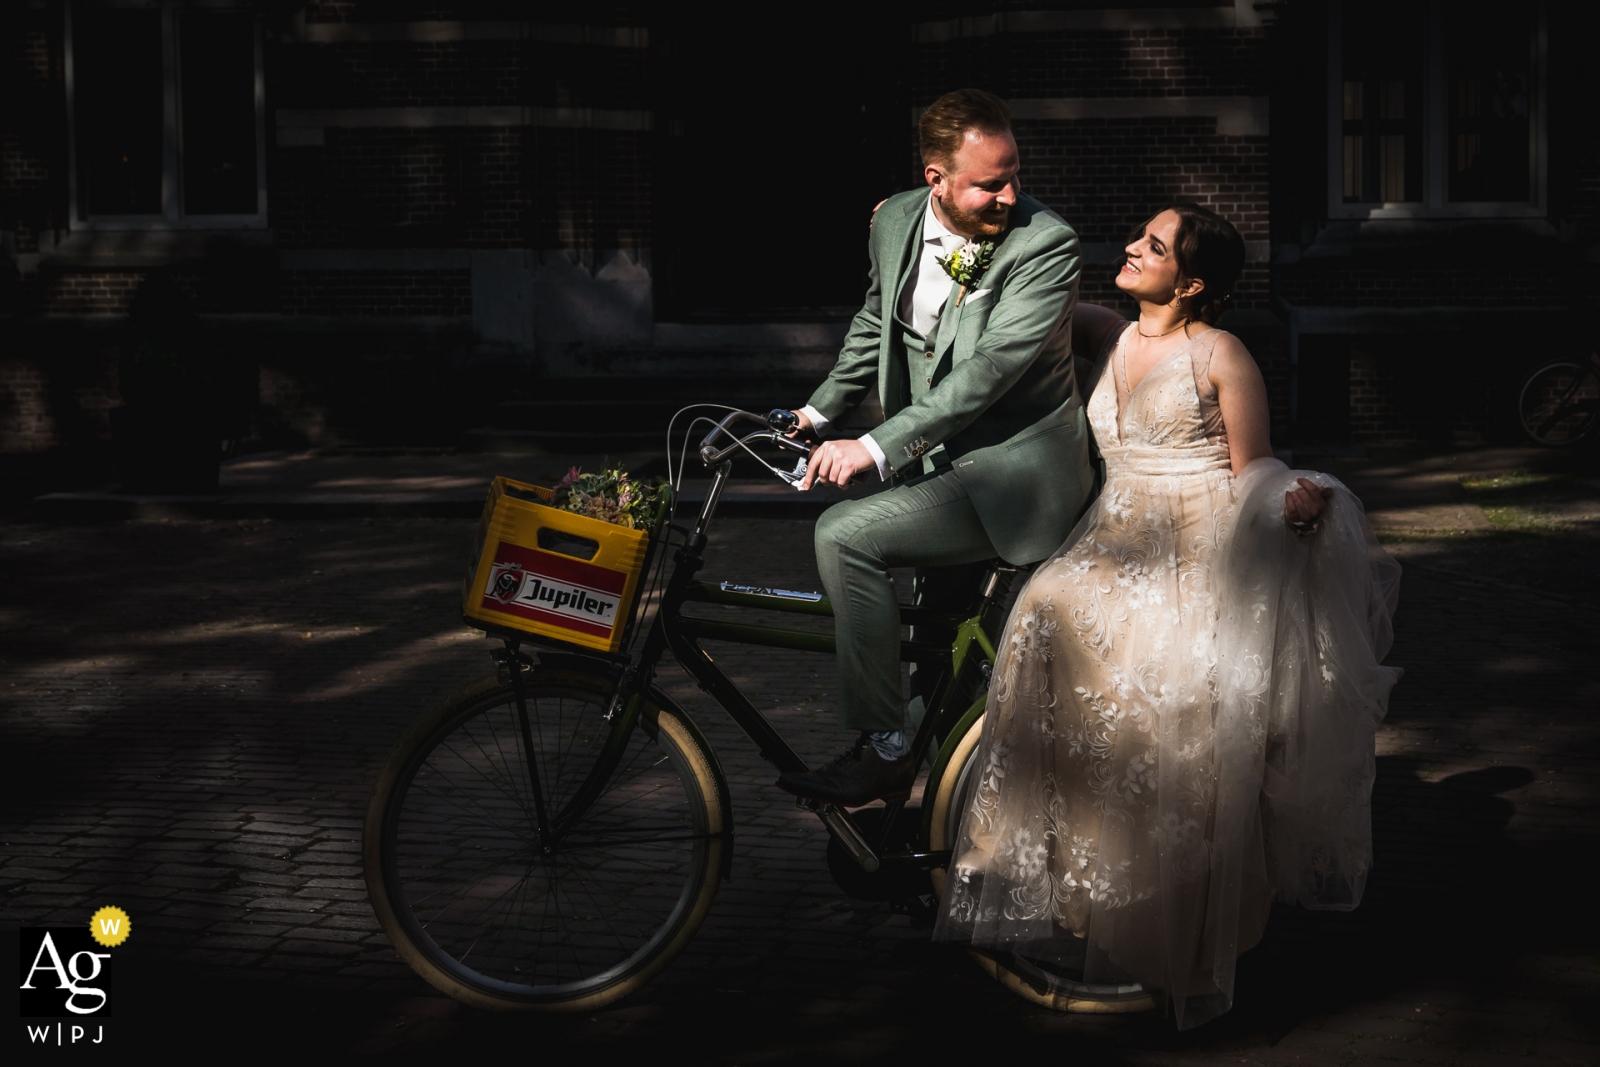 Bovendonk, Hoeven Venue portret ślubu pary młodej przybywającej na miejsce na rowerze